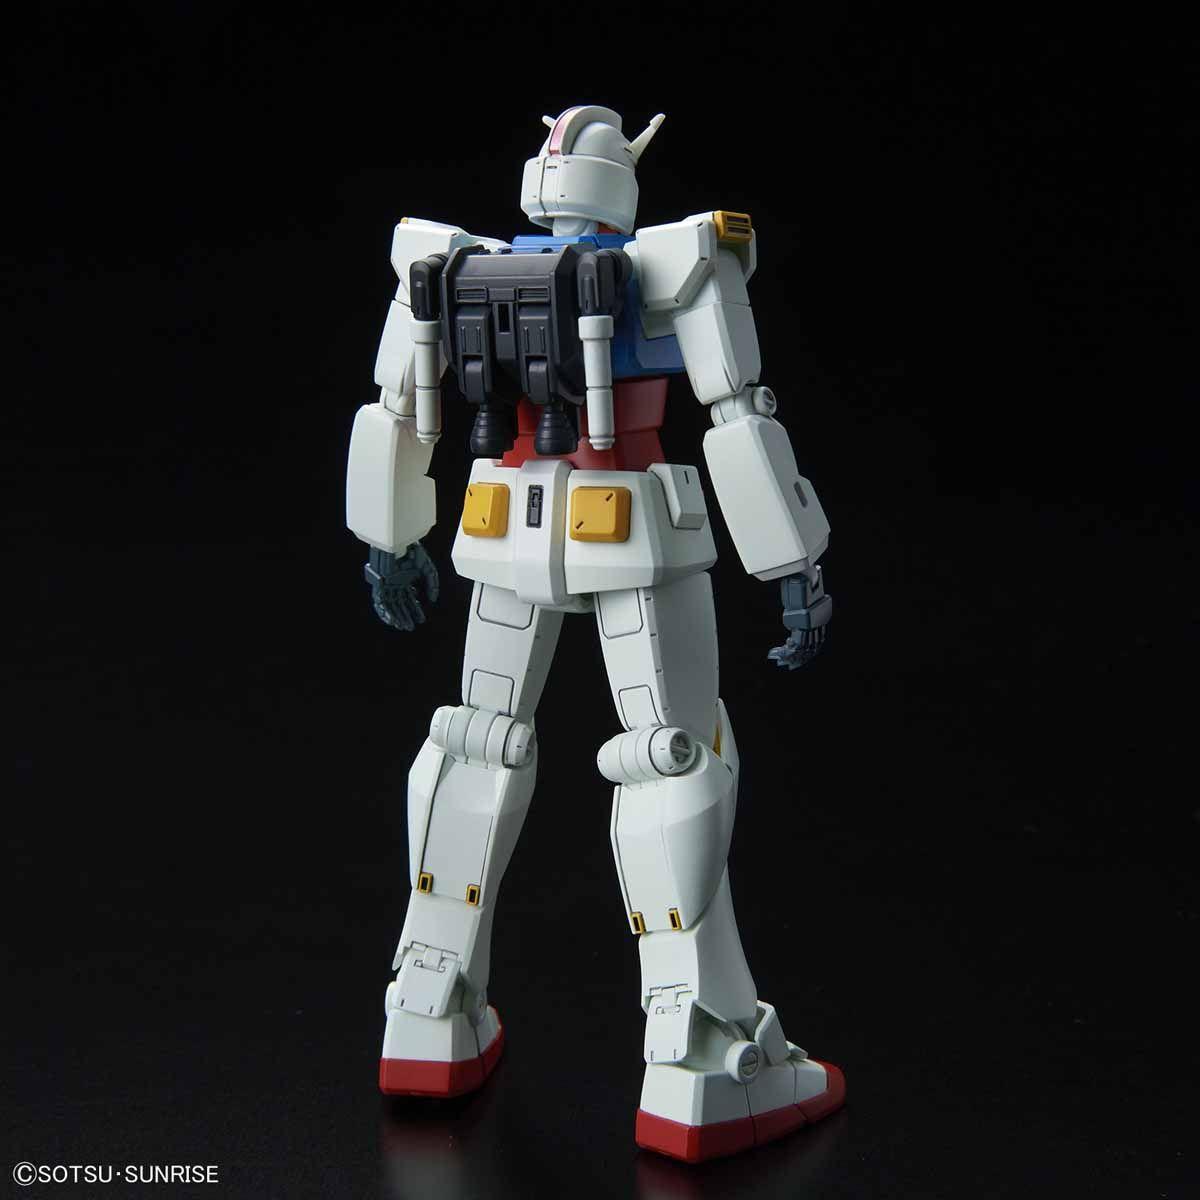 【再販】HG 1/144『ガンダムG40(Industrial Design Ver.)』プラモデル-006